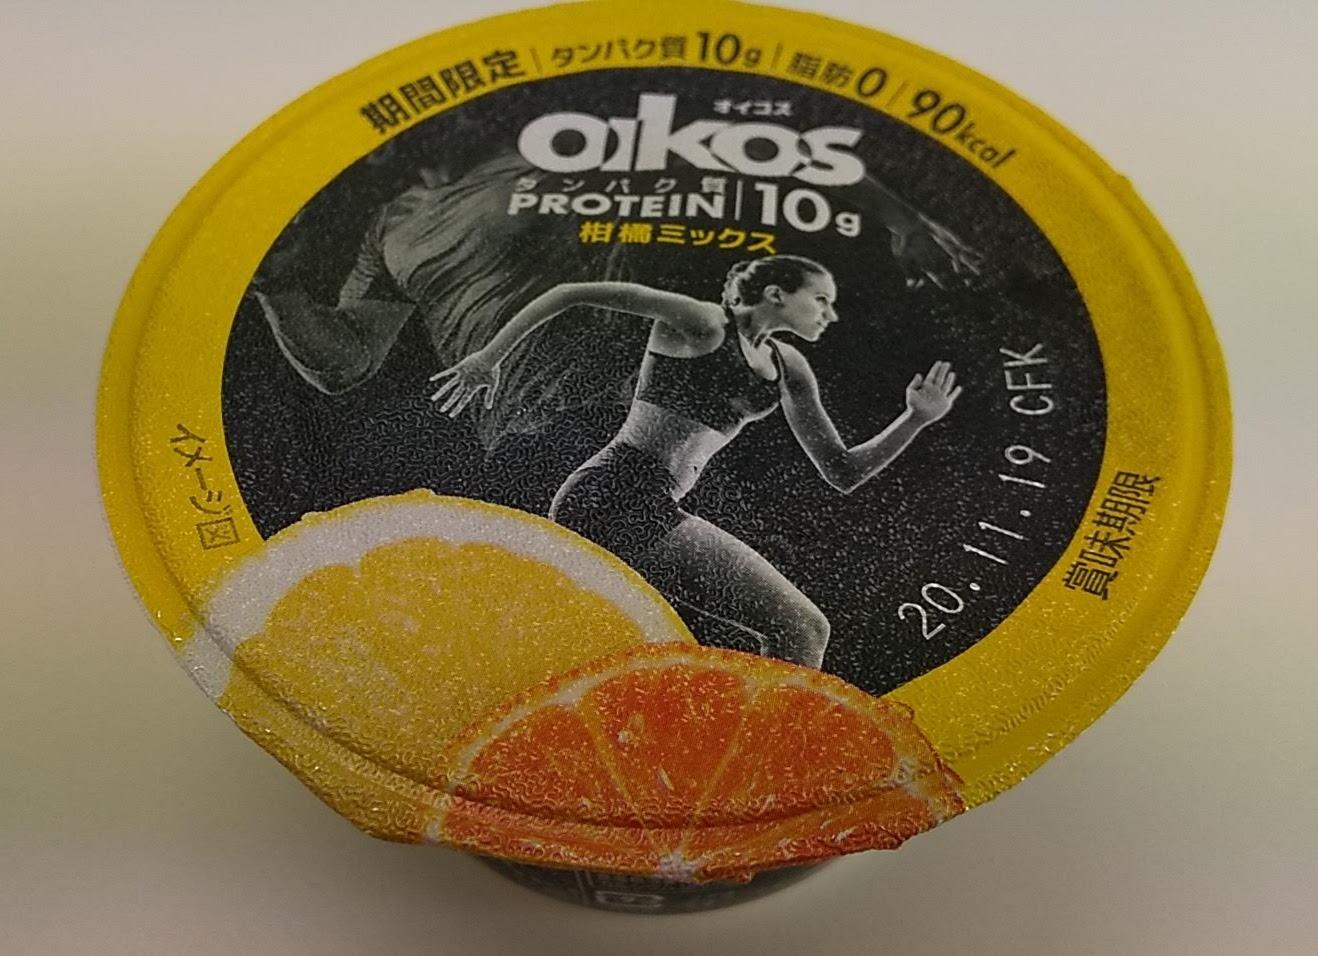 オイコス柑橘ミックス